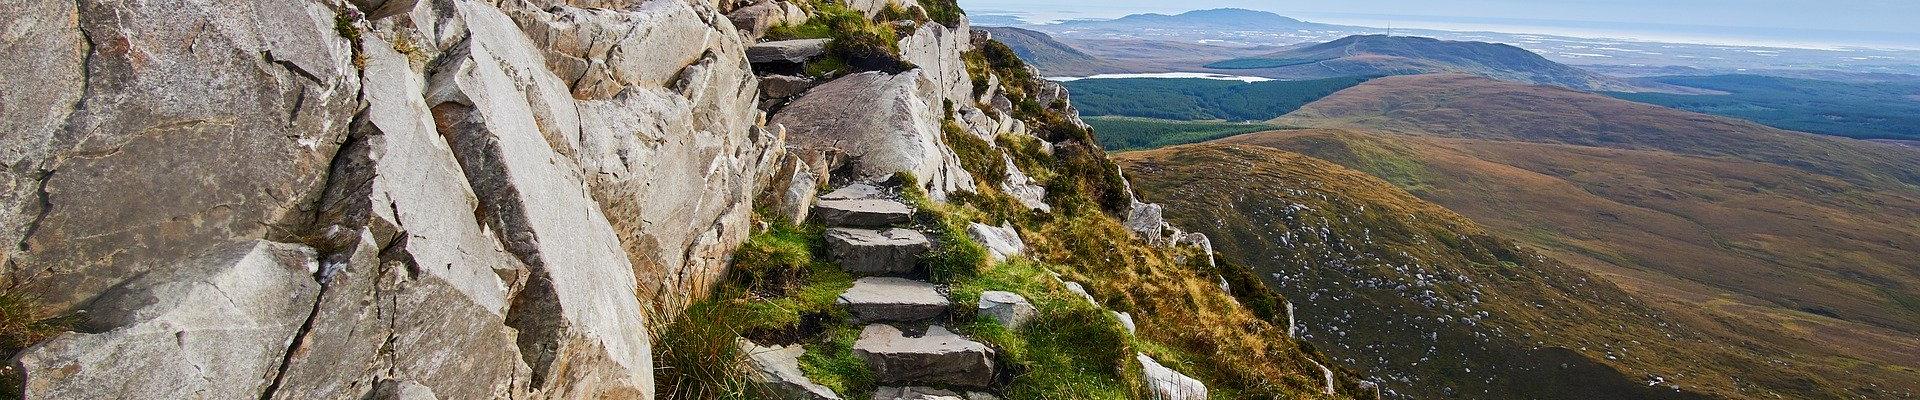 gemeinschaftlich Wohnen in Irland